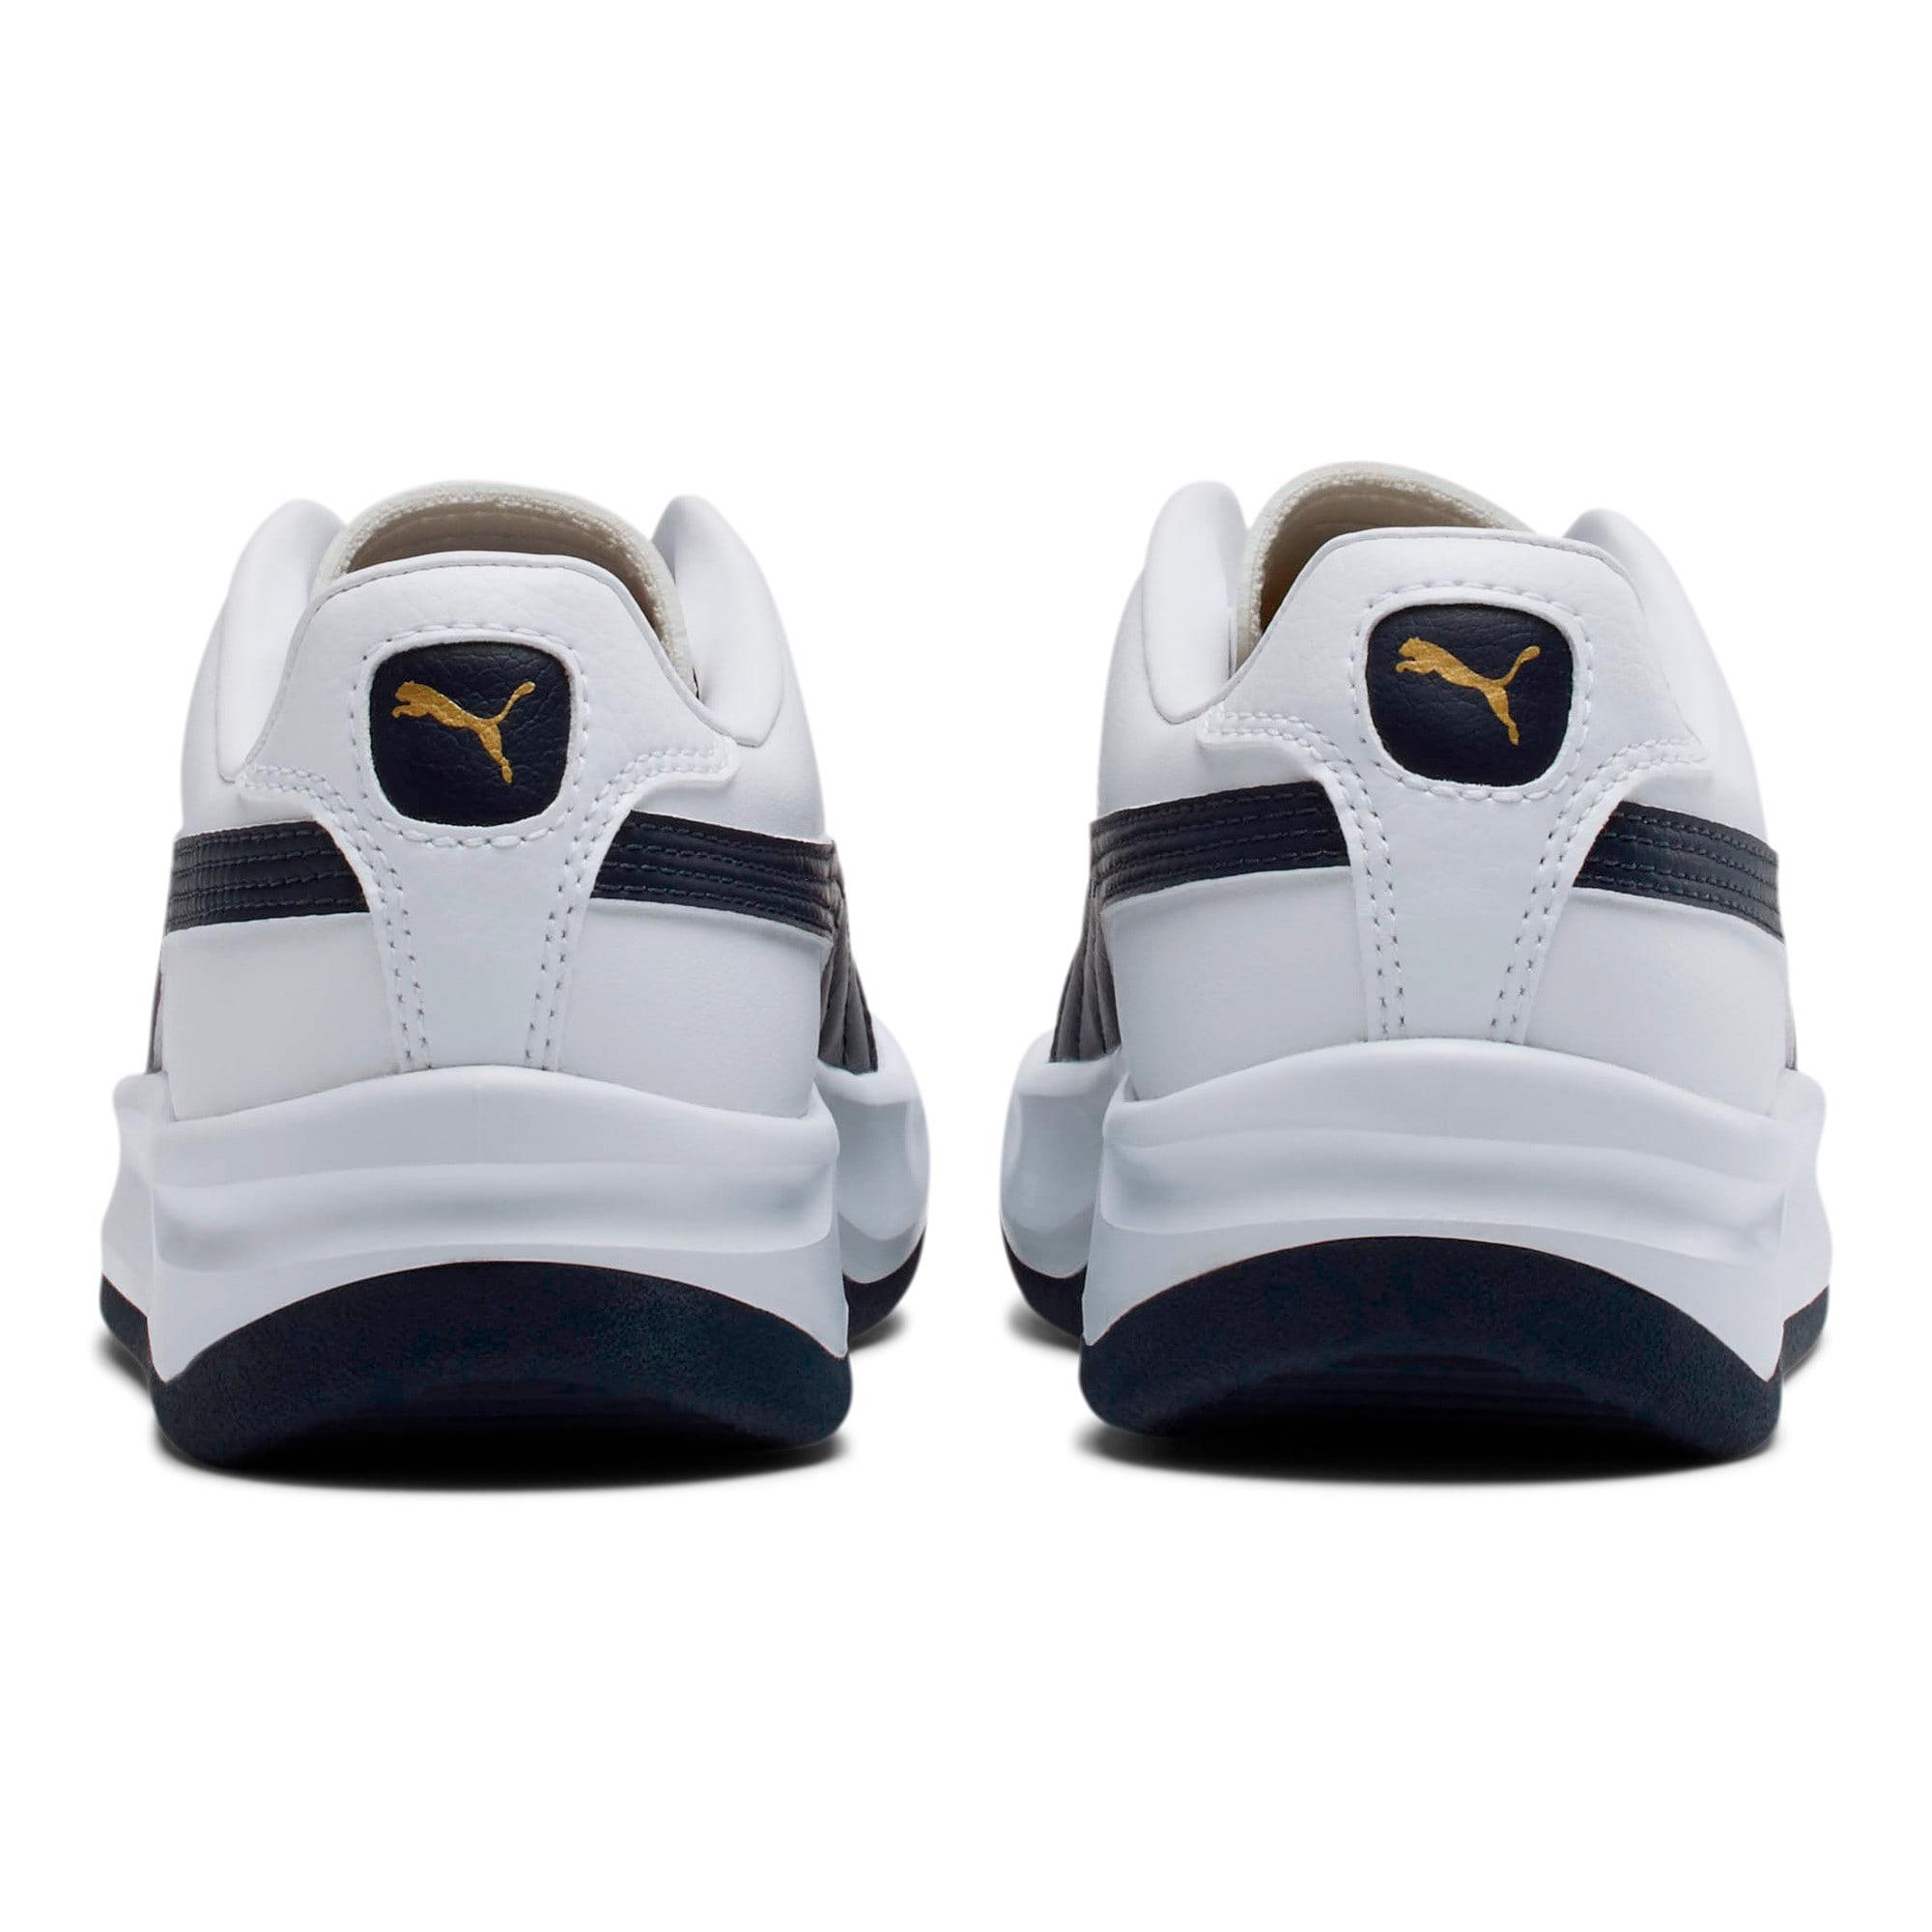 Miniatura 4 de Zapatos deportivos GV Special JR, Puma White-Peacoat, mediano